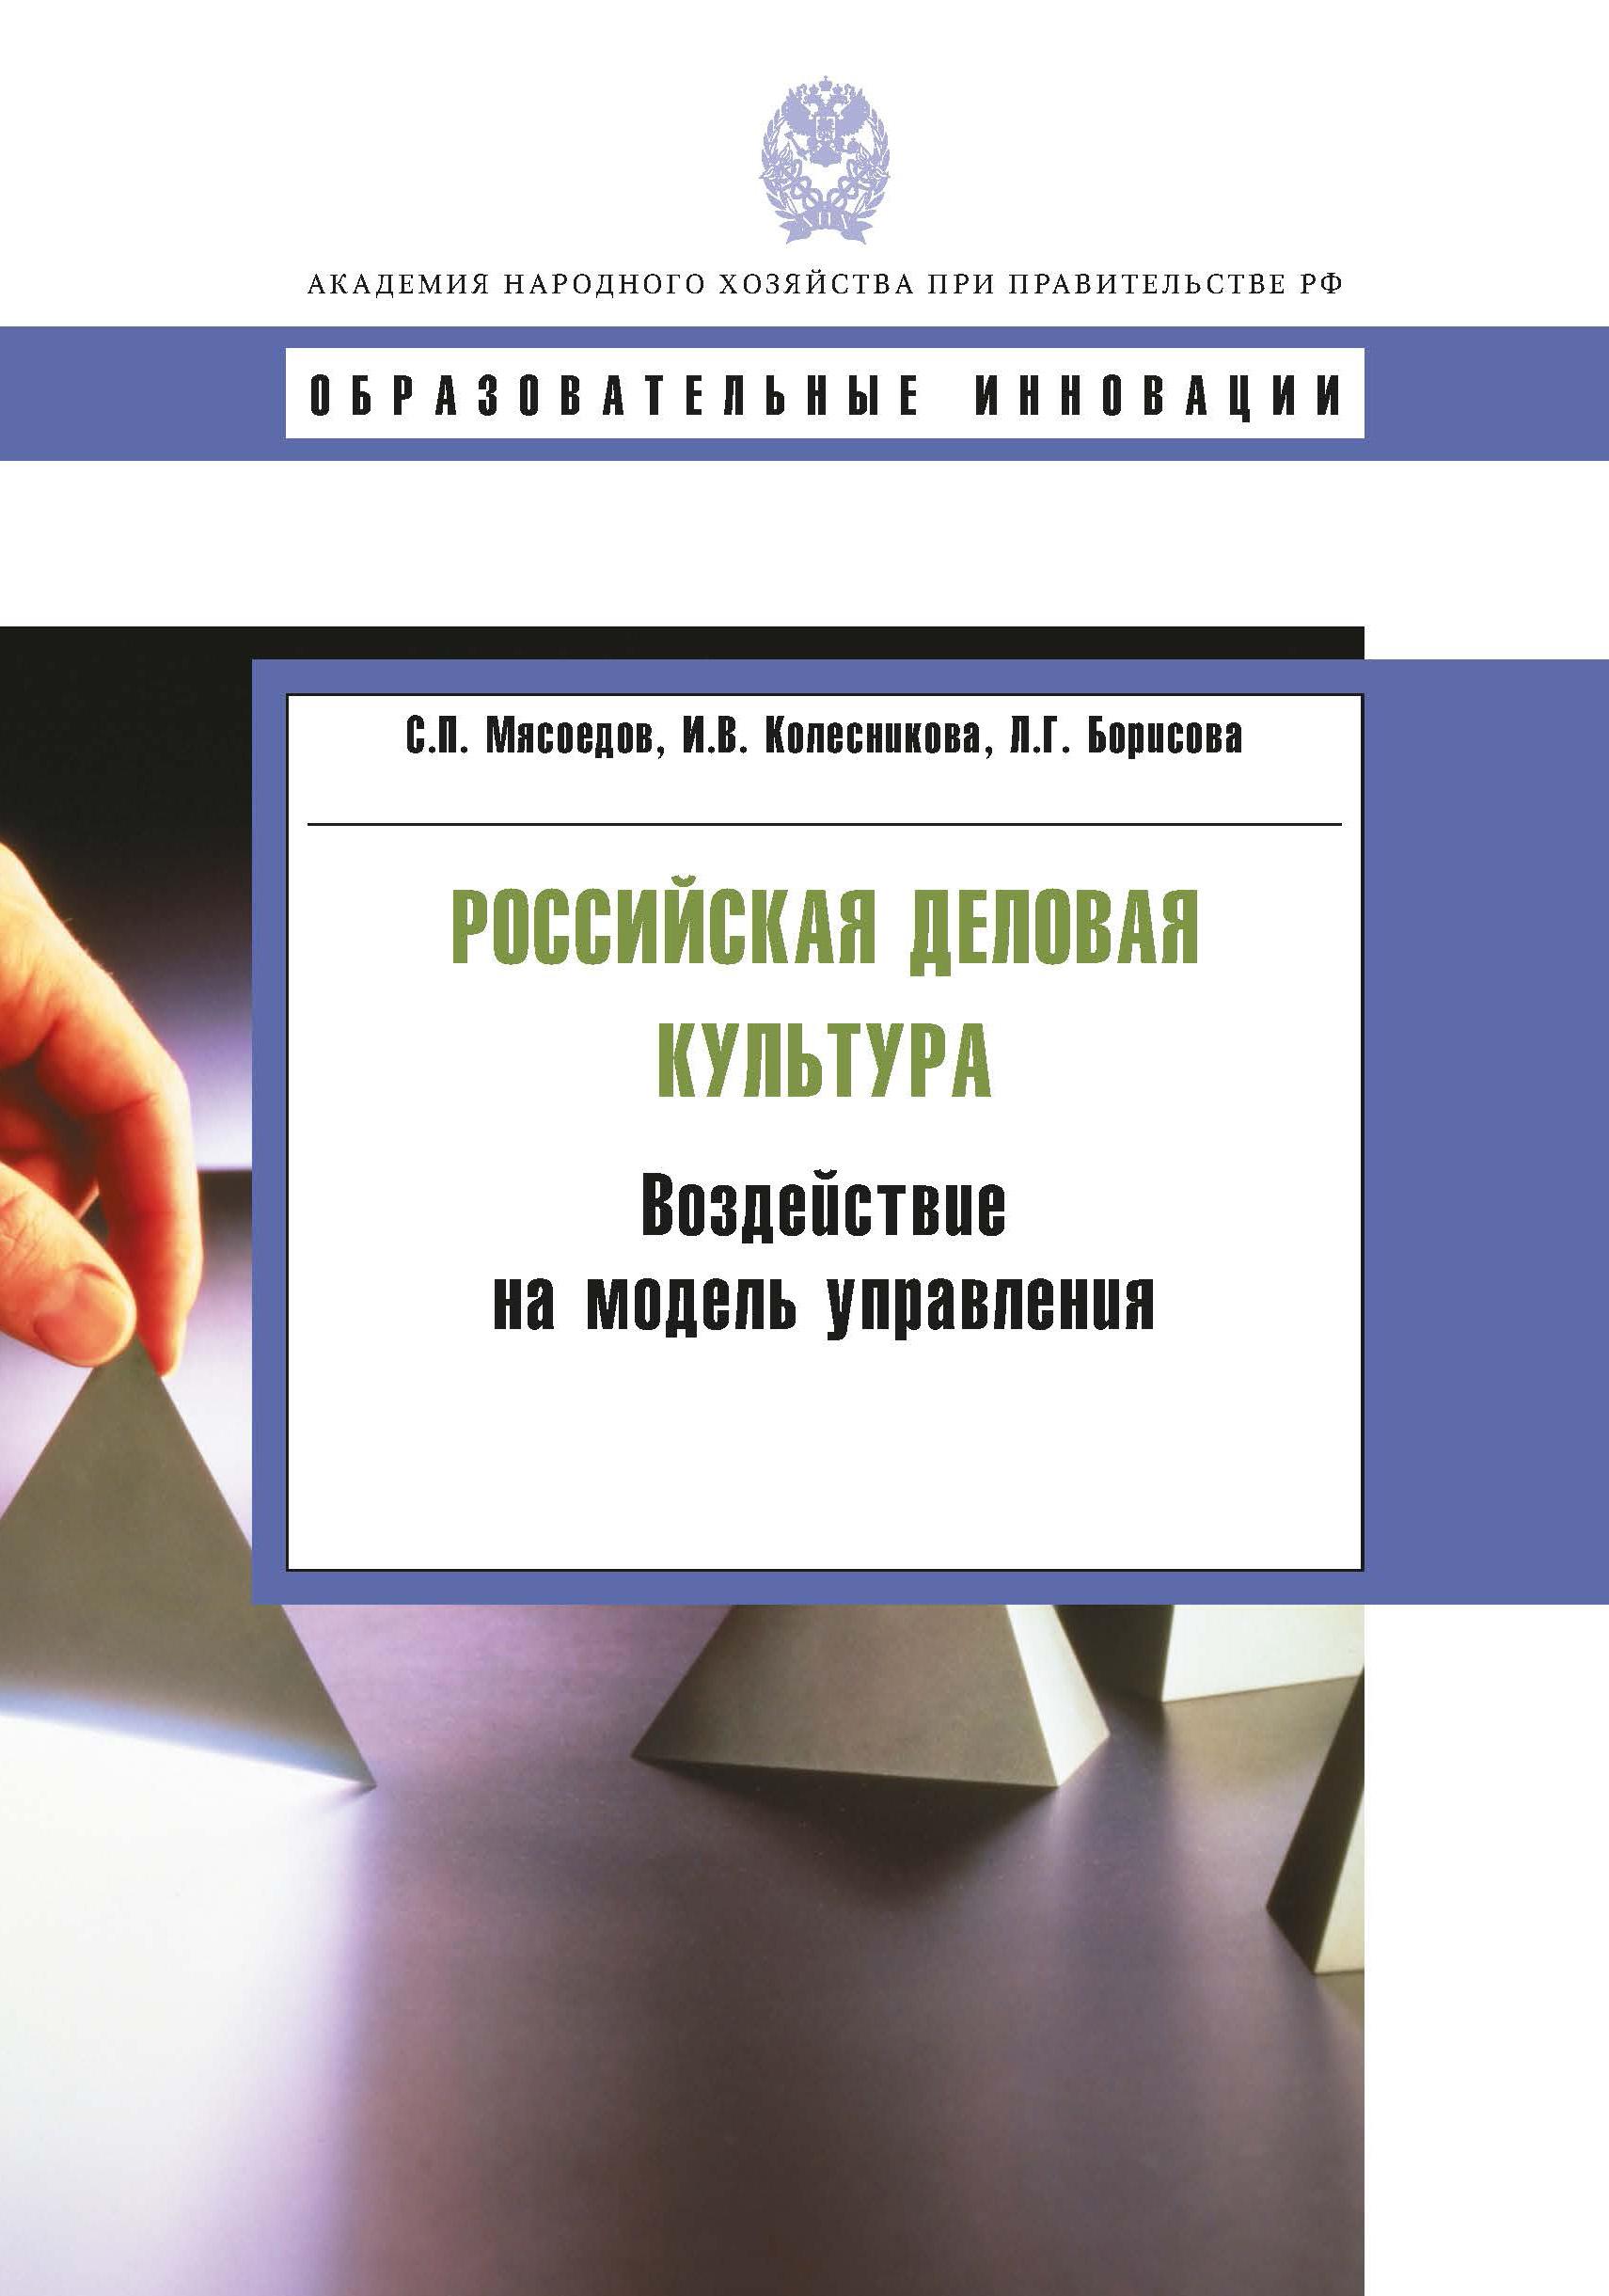 Российская деловая культура. Воздействие на модель управления